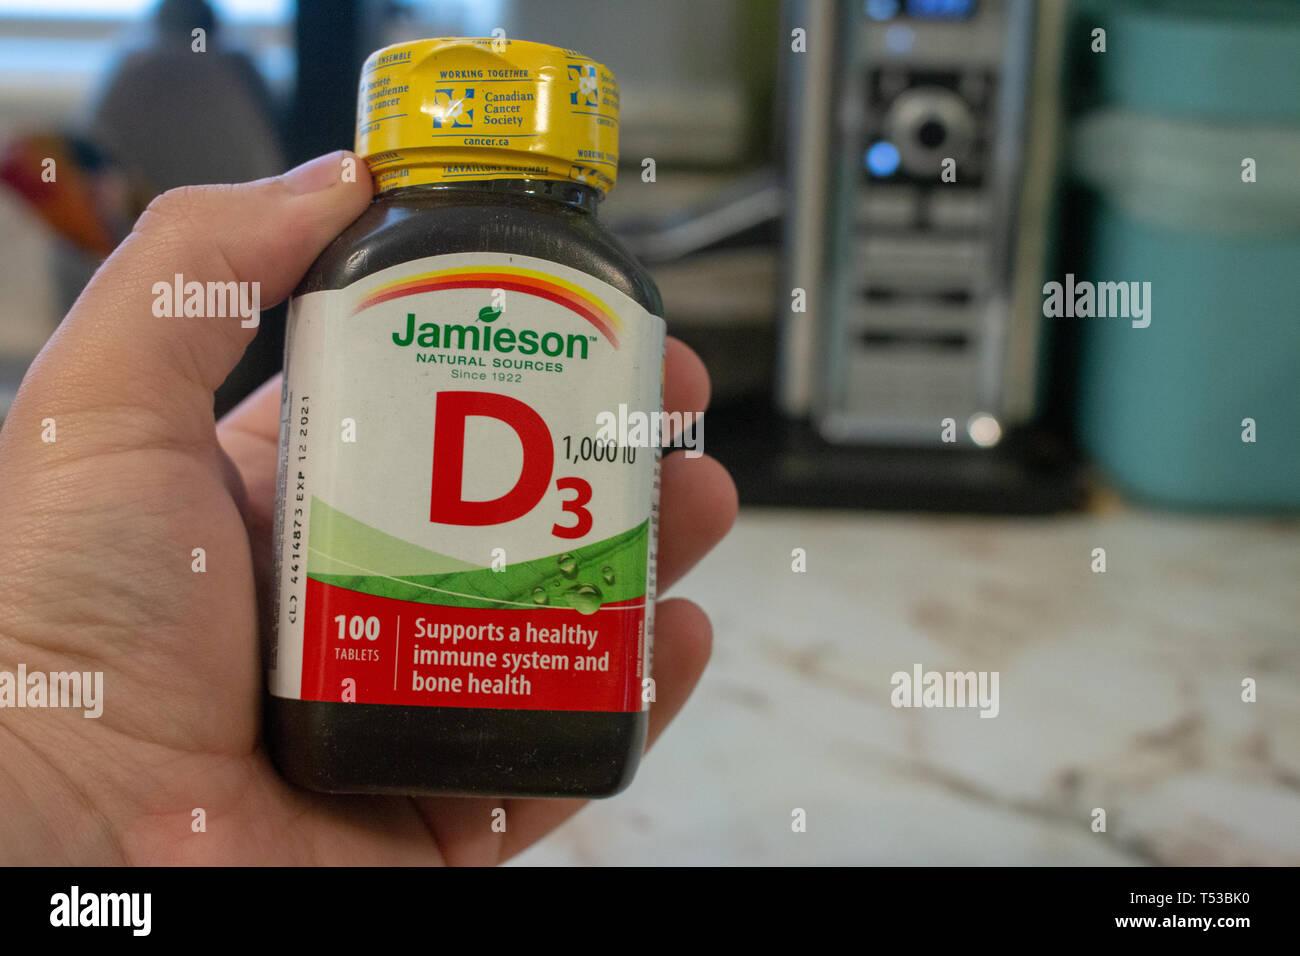 London, Kanada, 20. April 2019: Editorial illustrative Foto, Vitamin D3 Ergänzung von Jamieson. Jamieson ist eine kanadische Vitamin- und Mineralstoffgehalt Stockbild